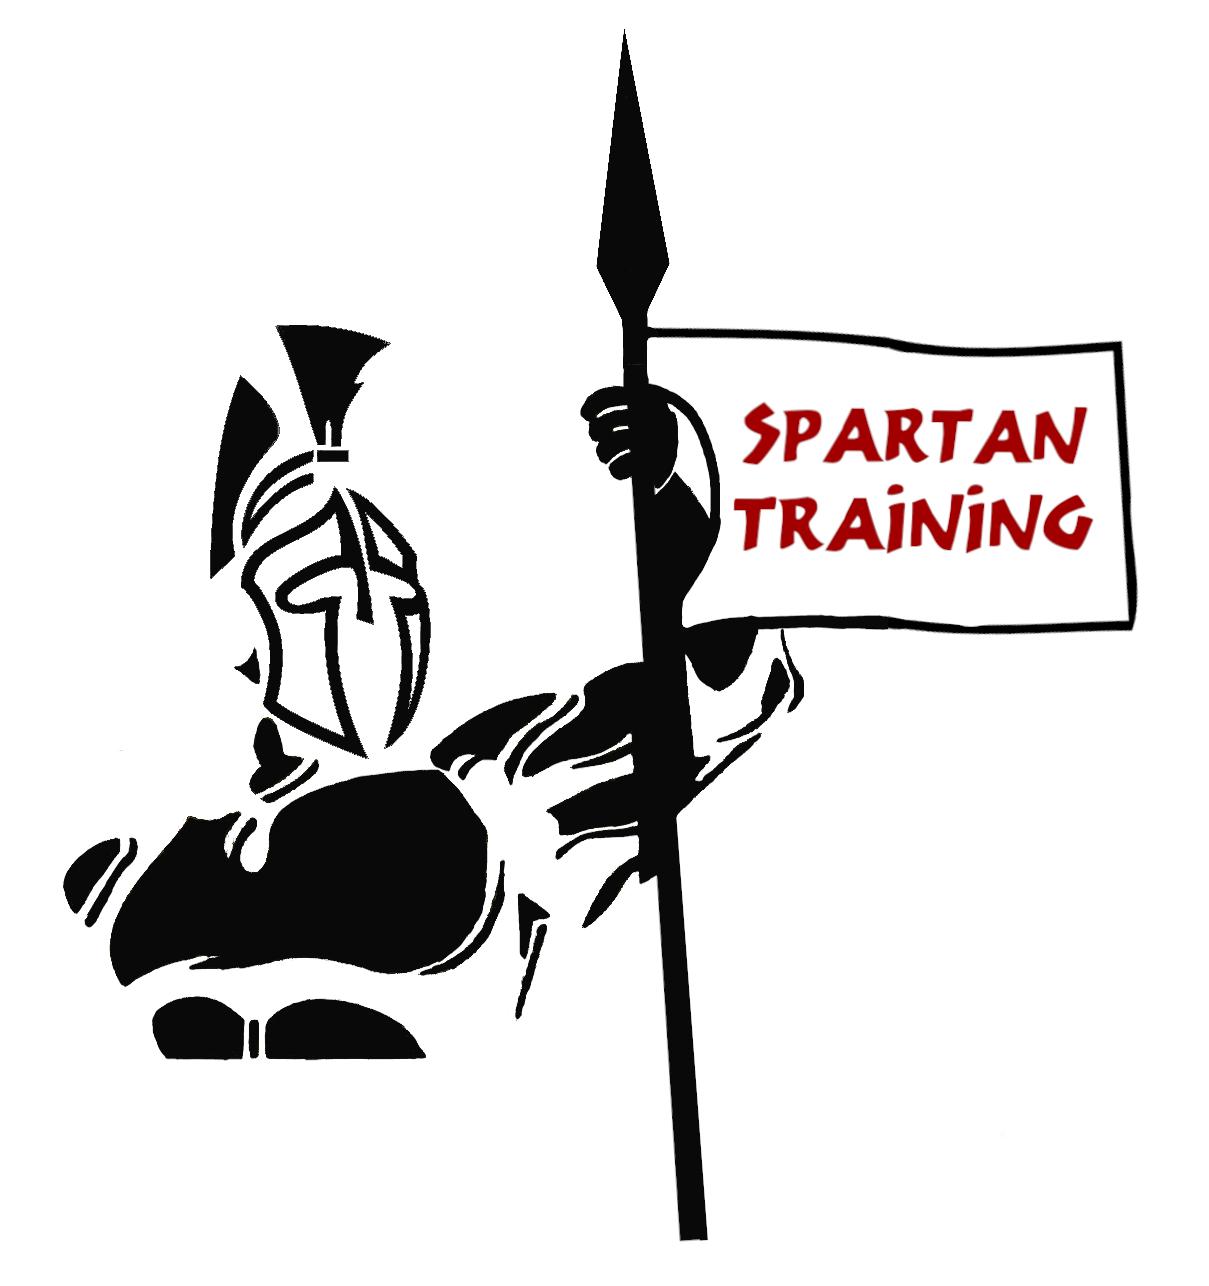 Spartan Combat Training